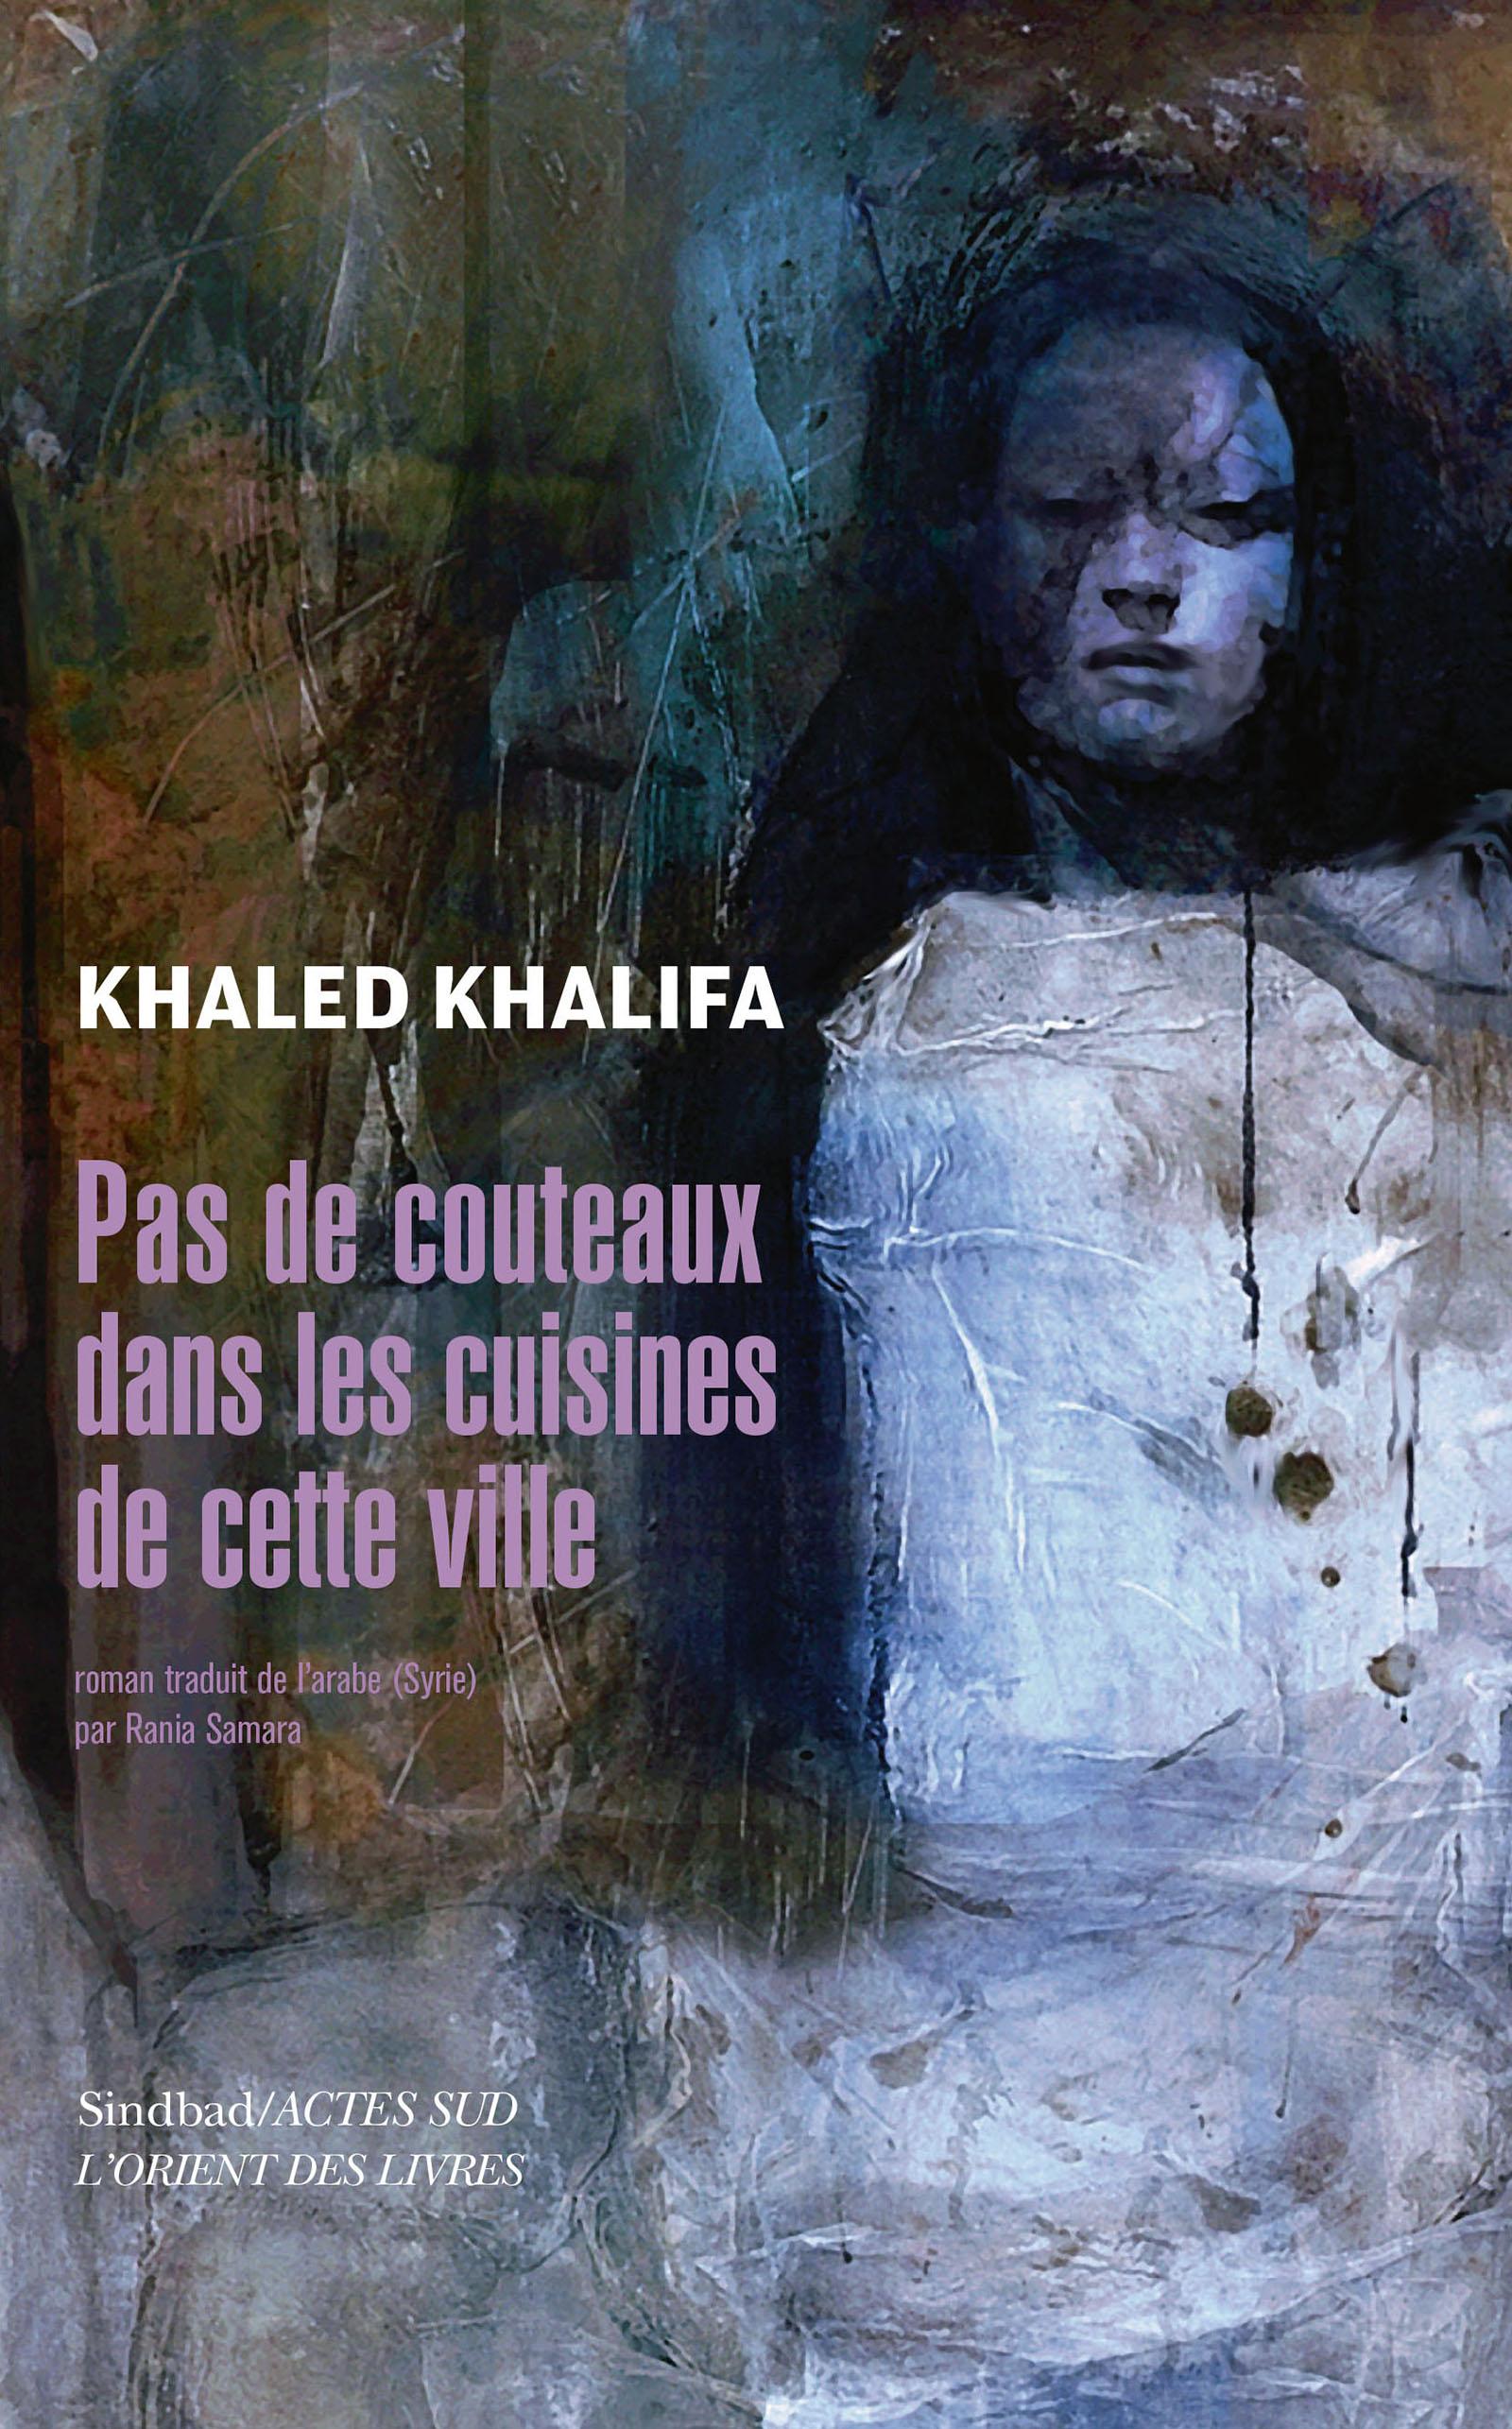 Pas de couteaux dans les cuisines de cette ville | Khalifa, Khaled